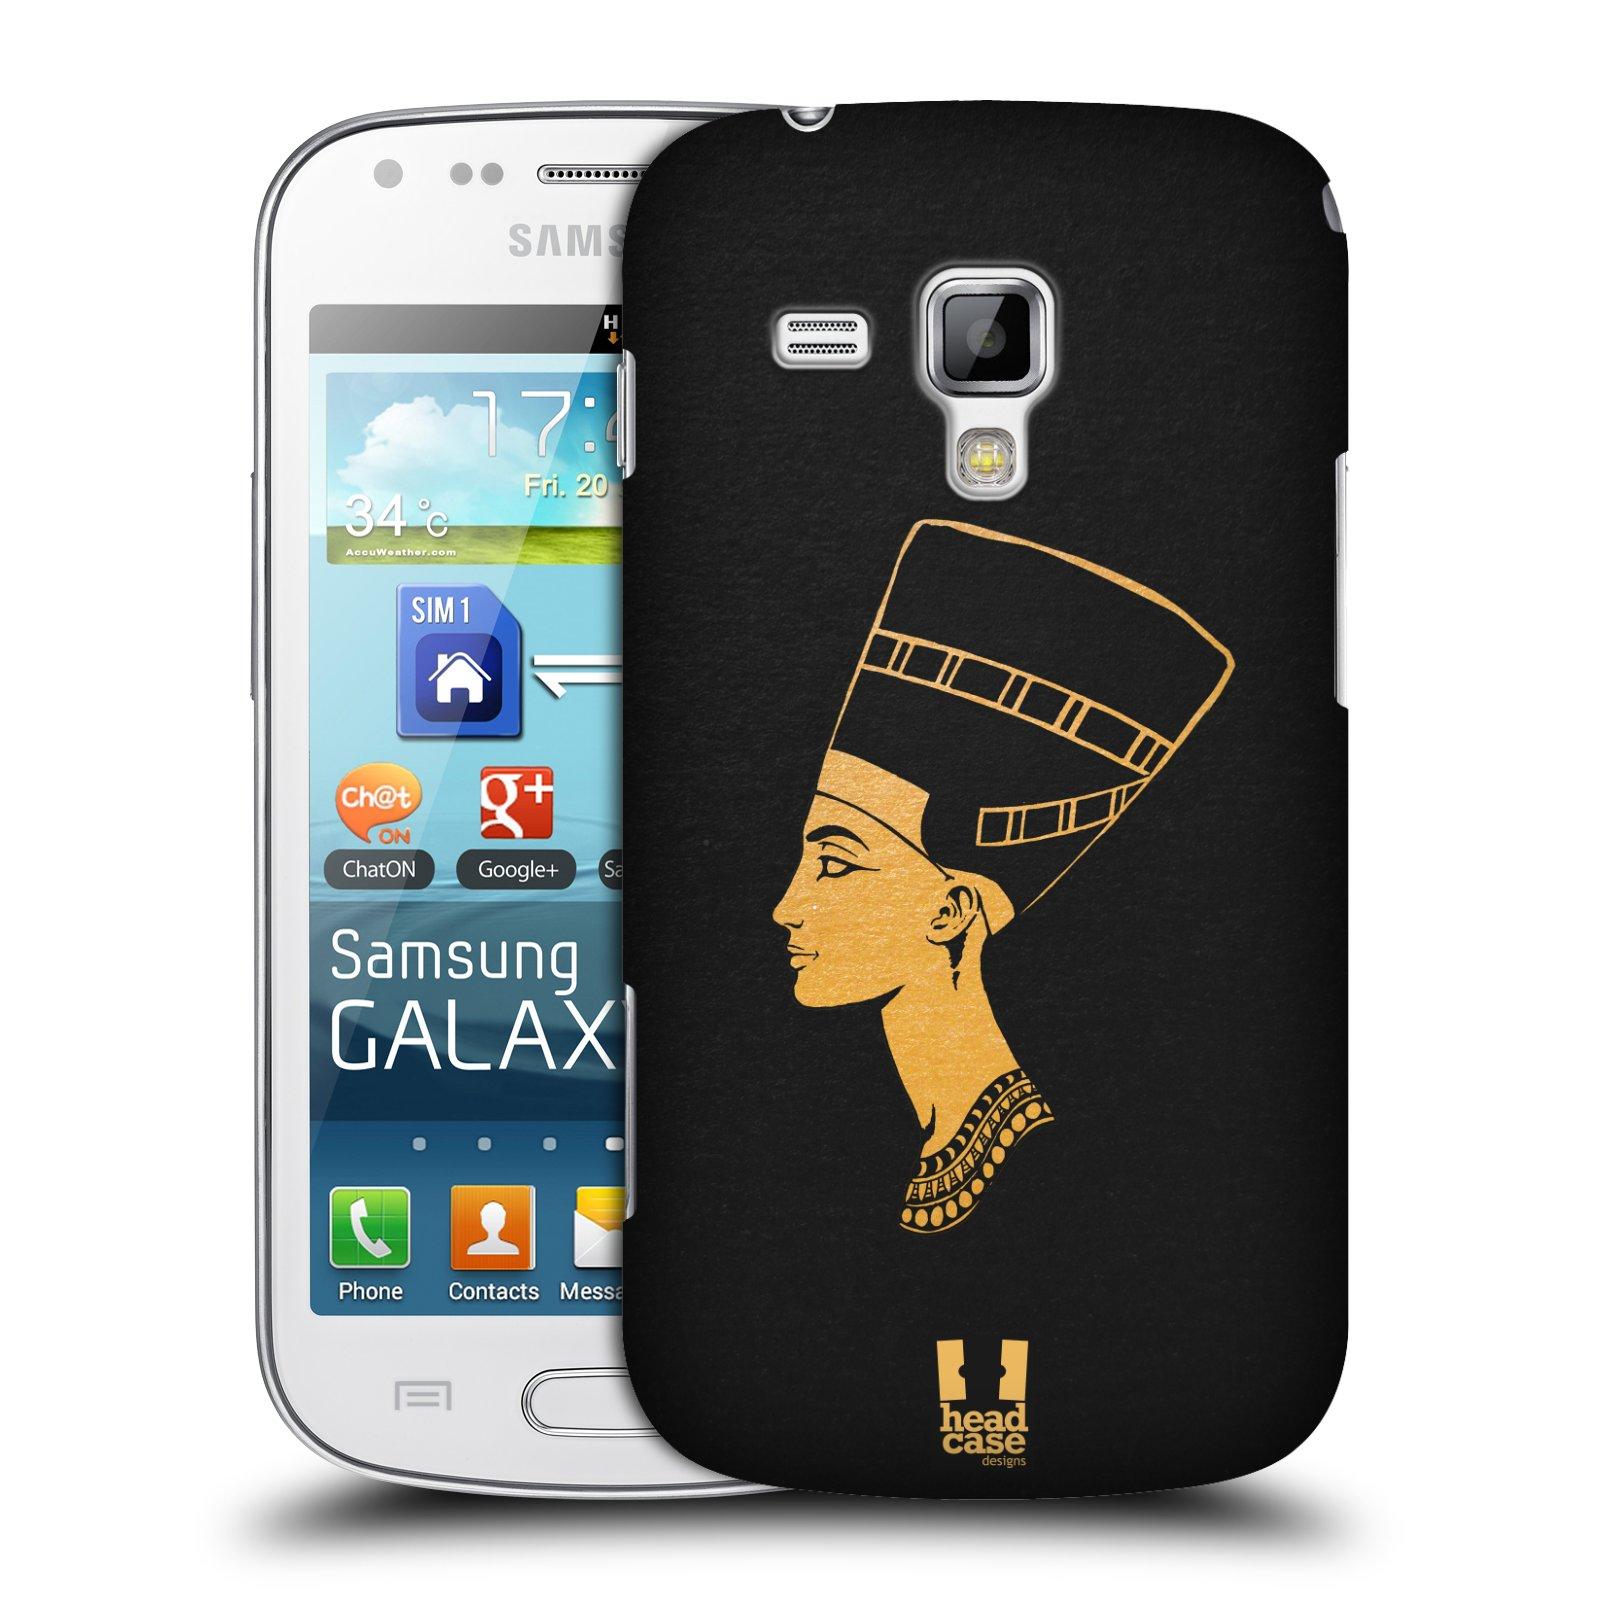 Plastové pouzdro na mobil Samsung Galaxy S Duos HEAD CASE EGYPT NEFERTITI (Kryt či obal na mobilní telefon Samsung Galaxy S Duos GT-S7562)